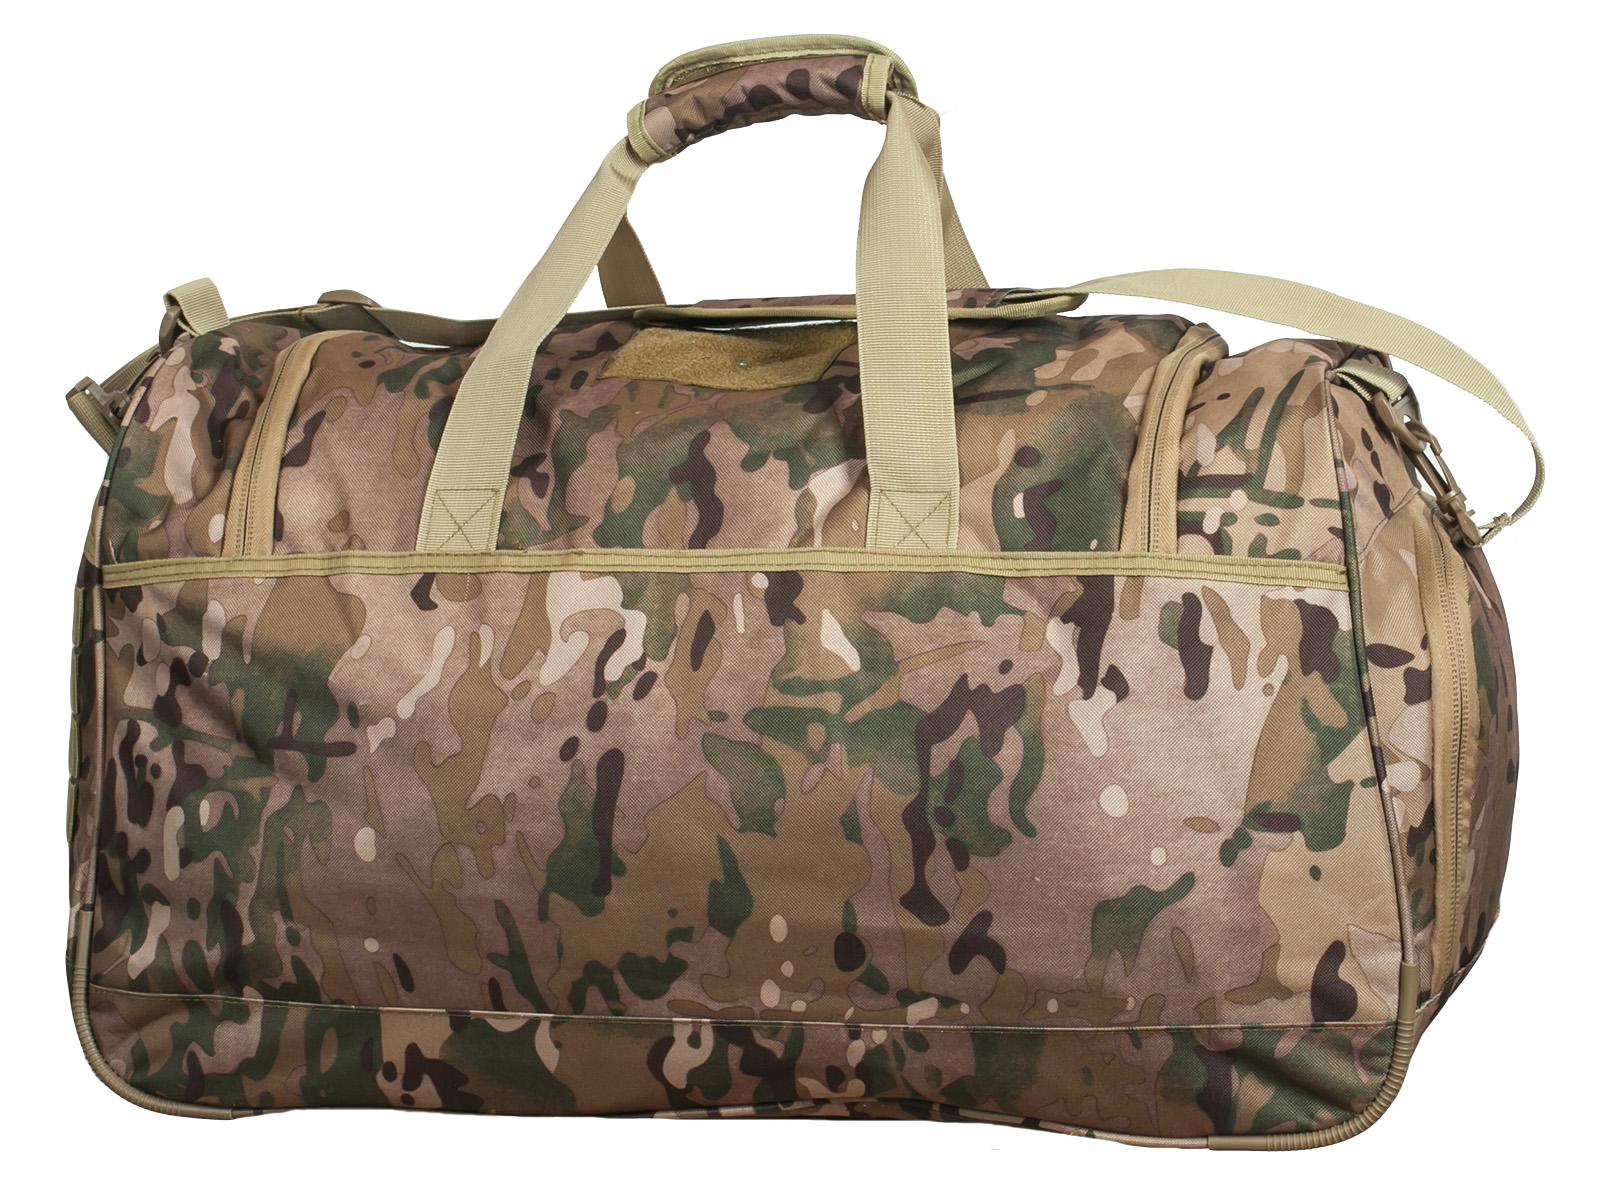 Армейская тревожная сумка 08032B Multicam с нашивкой Танковые Войска - заказать выгодно